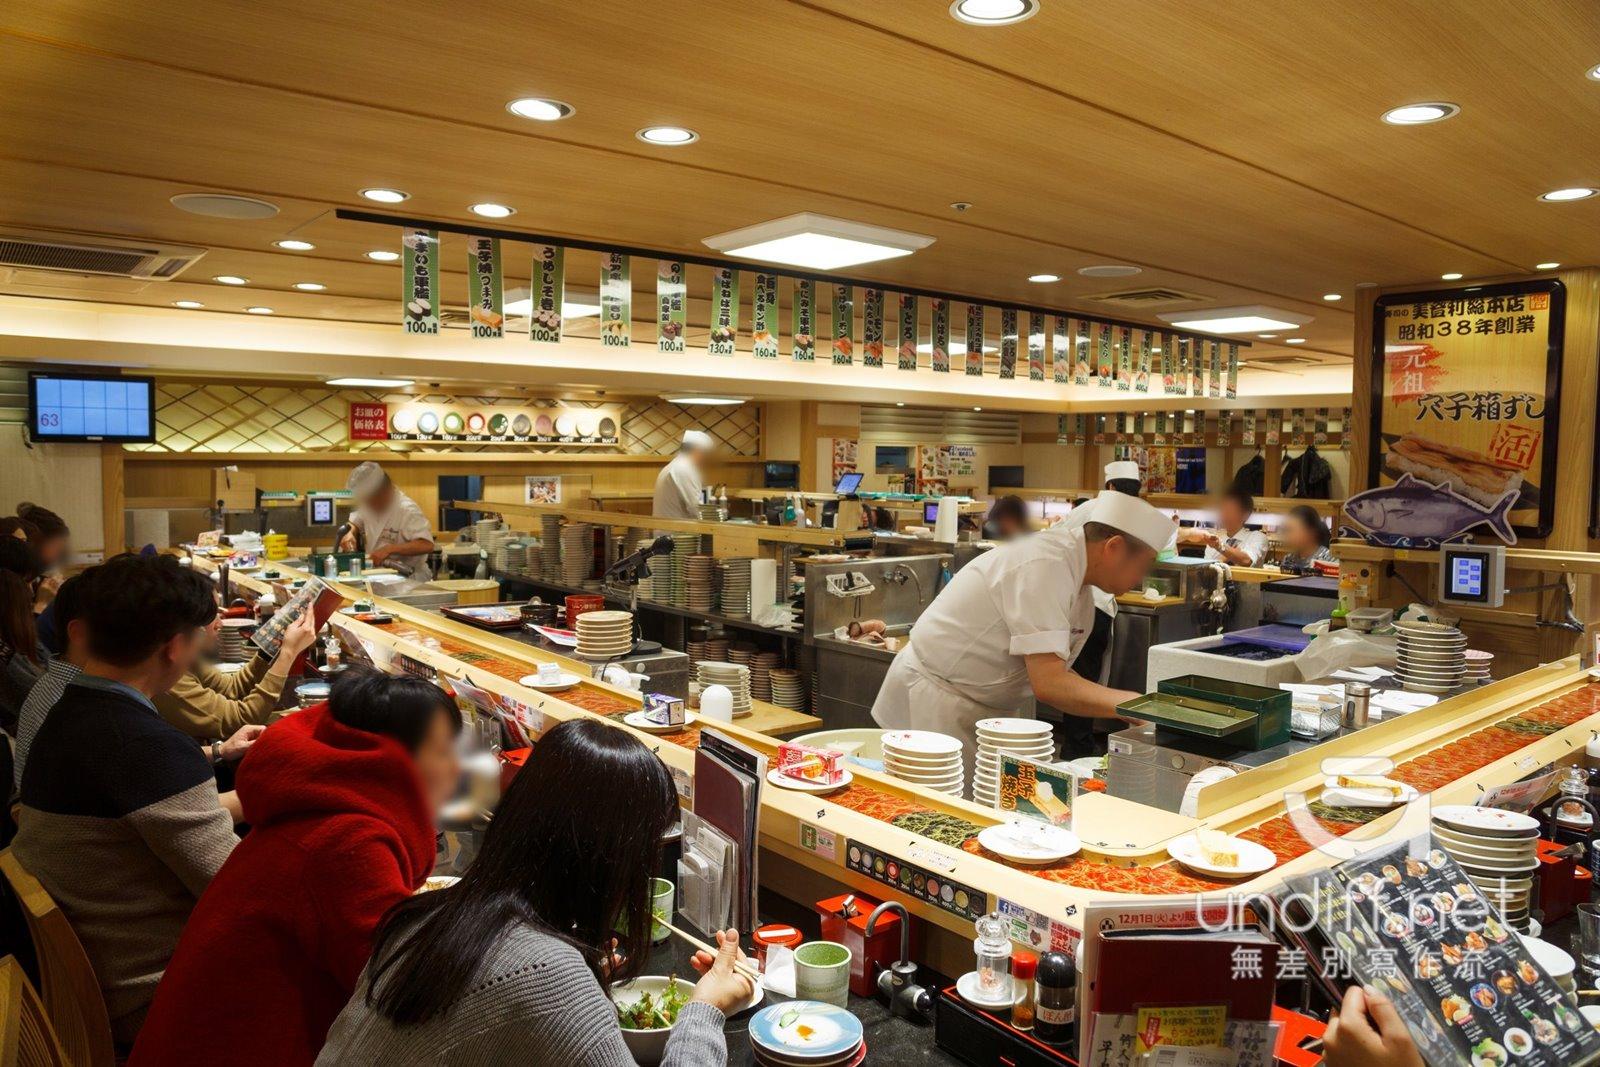 【東京美食】澀谷 回し寿司 活.美登利 西武澀谷店 》超值新鮮又美味的迴轉壽司 18